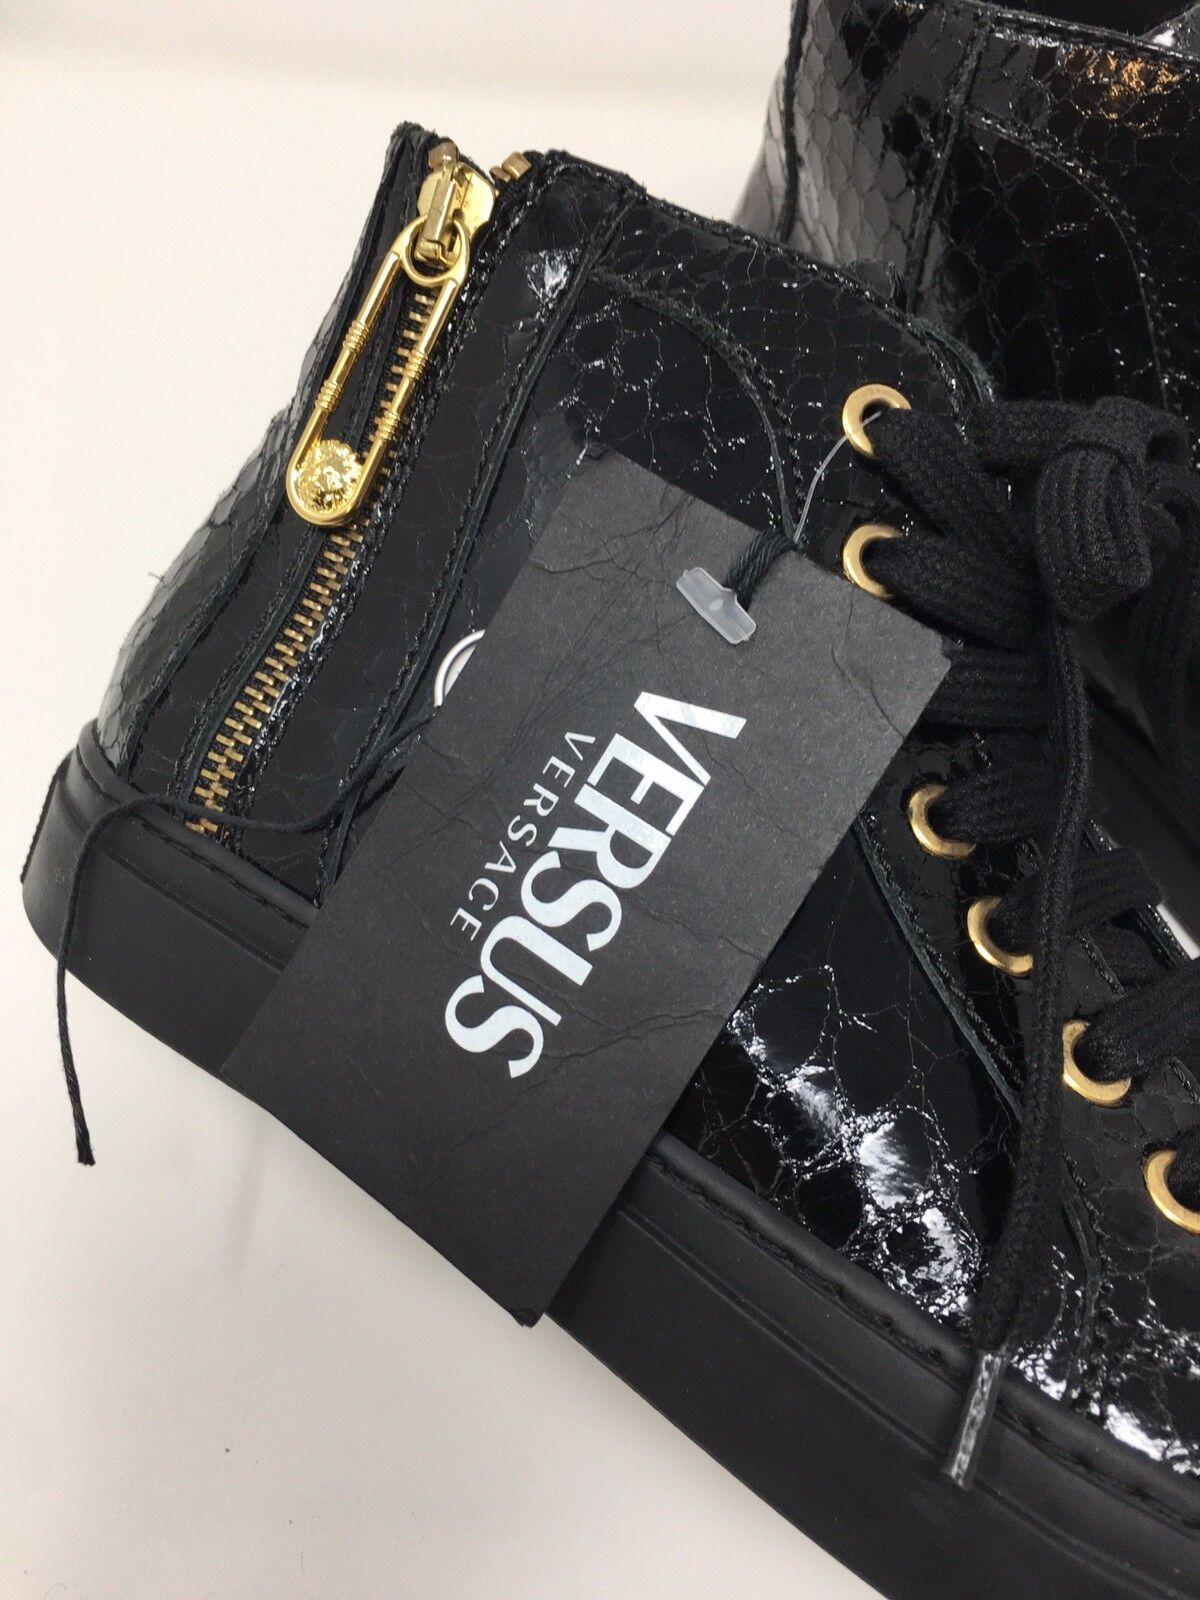 Versus Versace Serpiente Patrón Negro Cuero High Unido Top de Superdry Reino Unido High 4, Reino Unido 6 529ed0